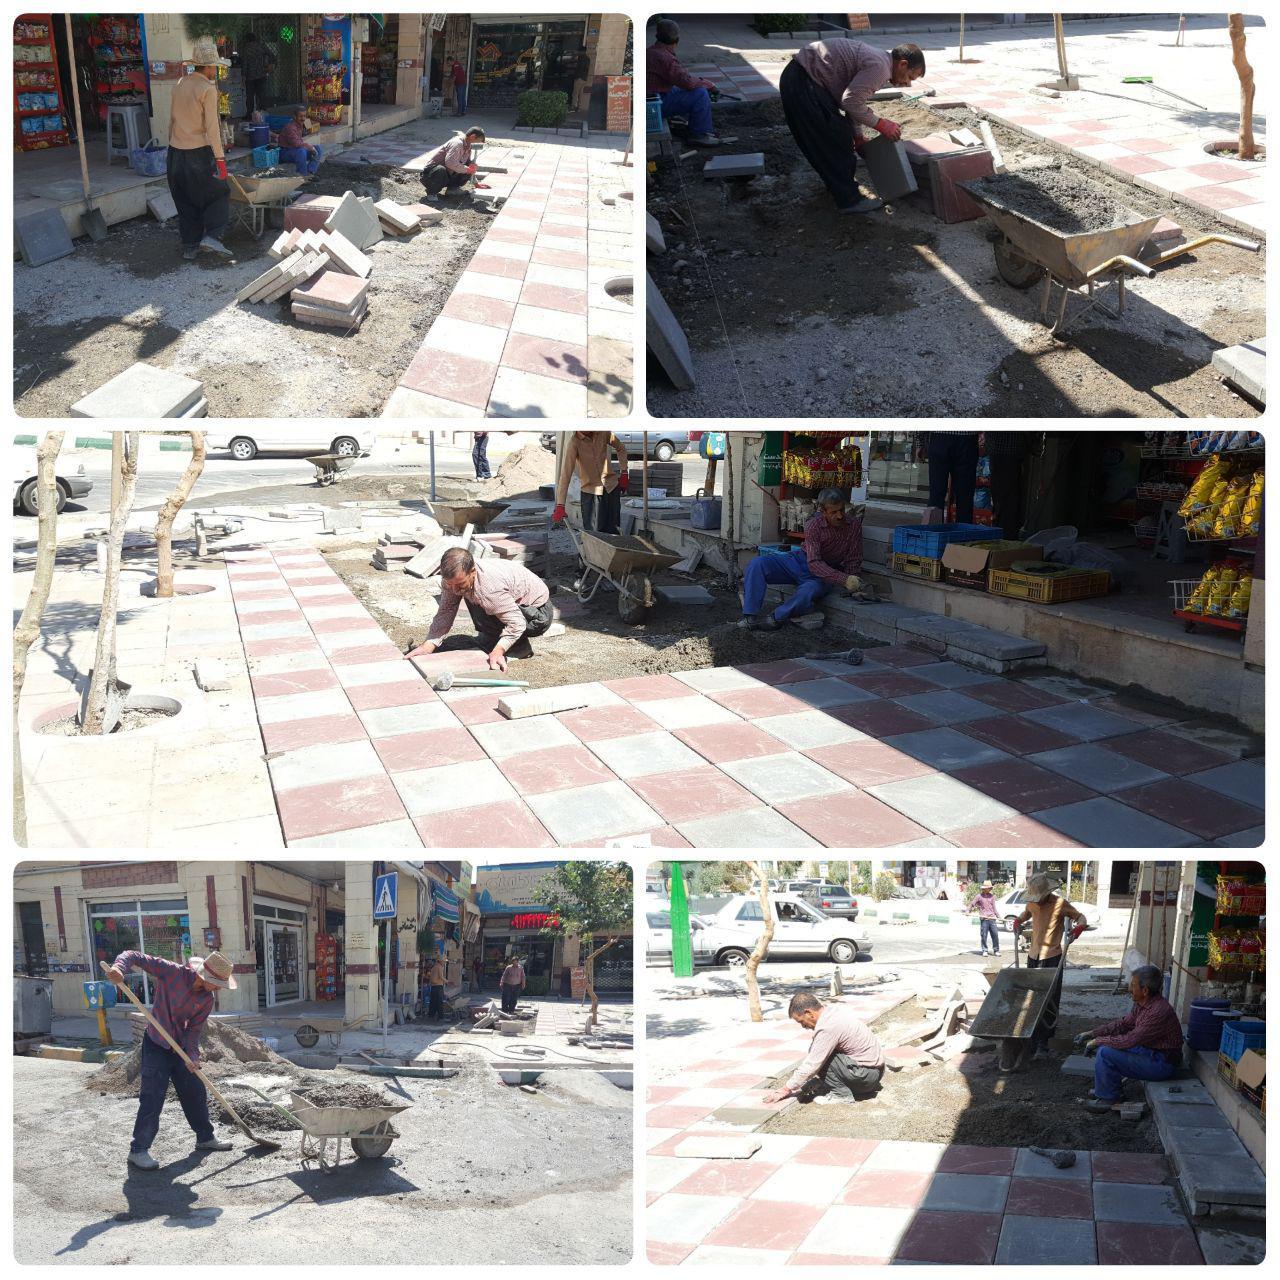 آغاز پروژه کف پوش میدان آسمان / سنگ فرش های زیبا زیر پای شهروندان پرند